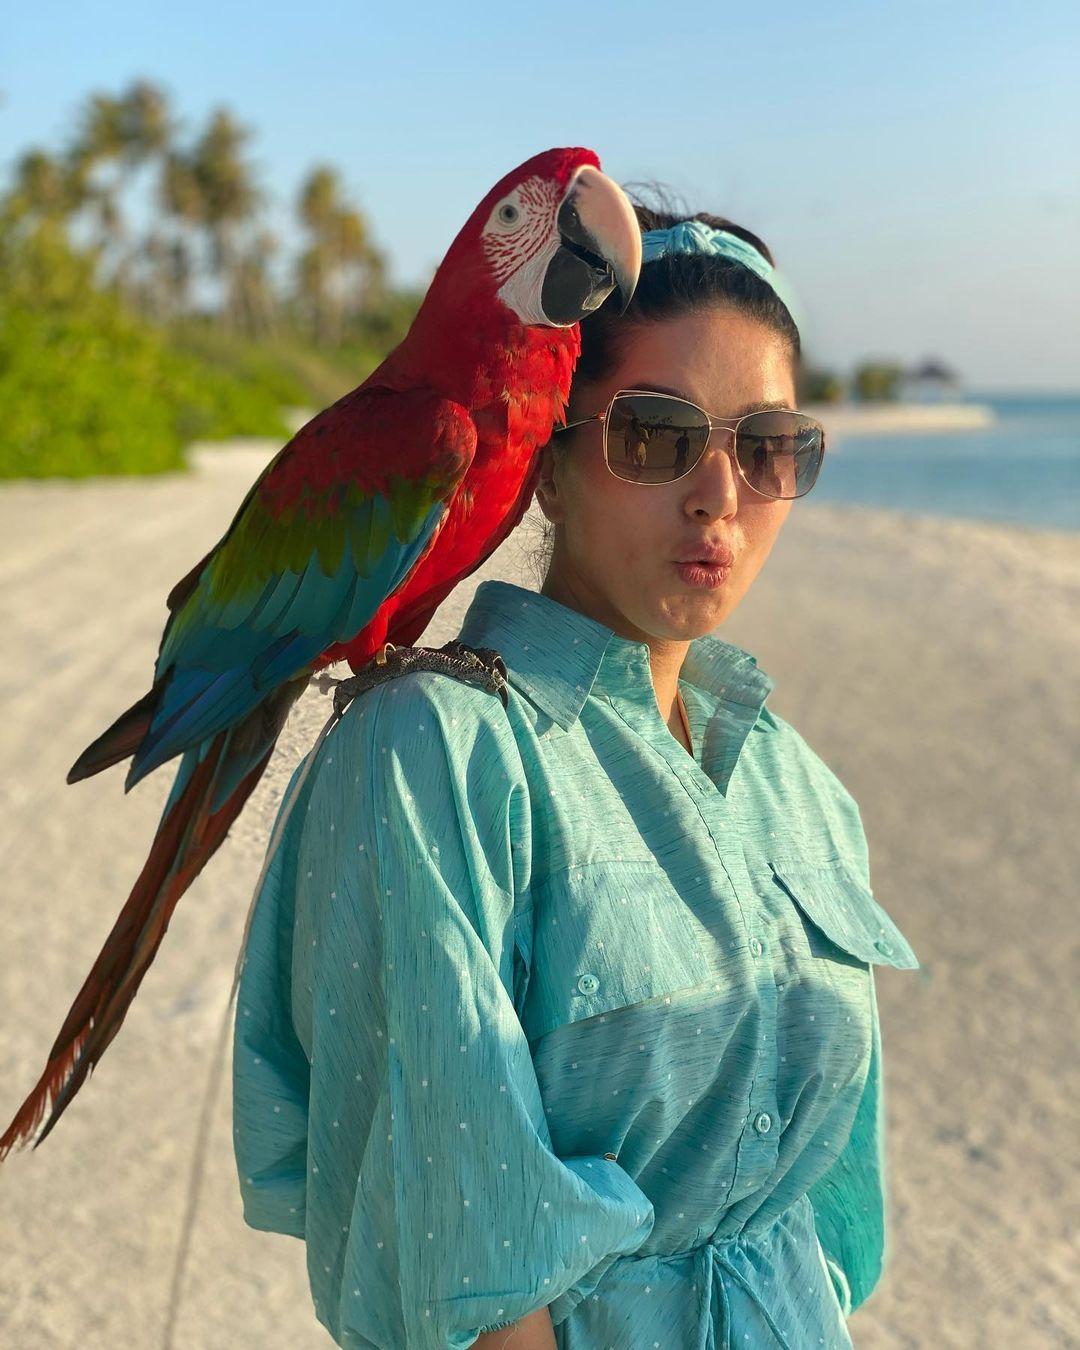 சிவப்பு கிளியுடன் கொஞ்சி விளையாடும் நடிகை சன்னி லியோன்!3